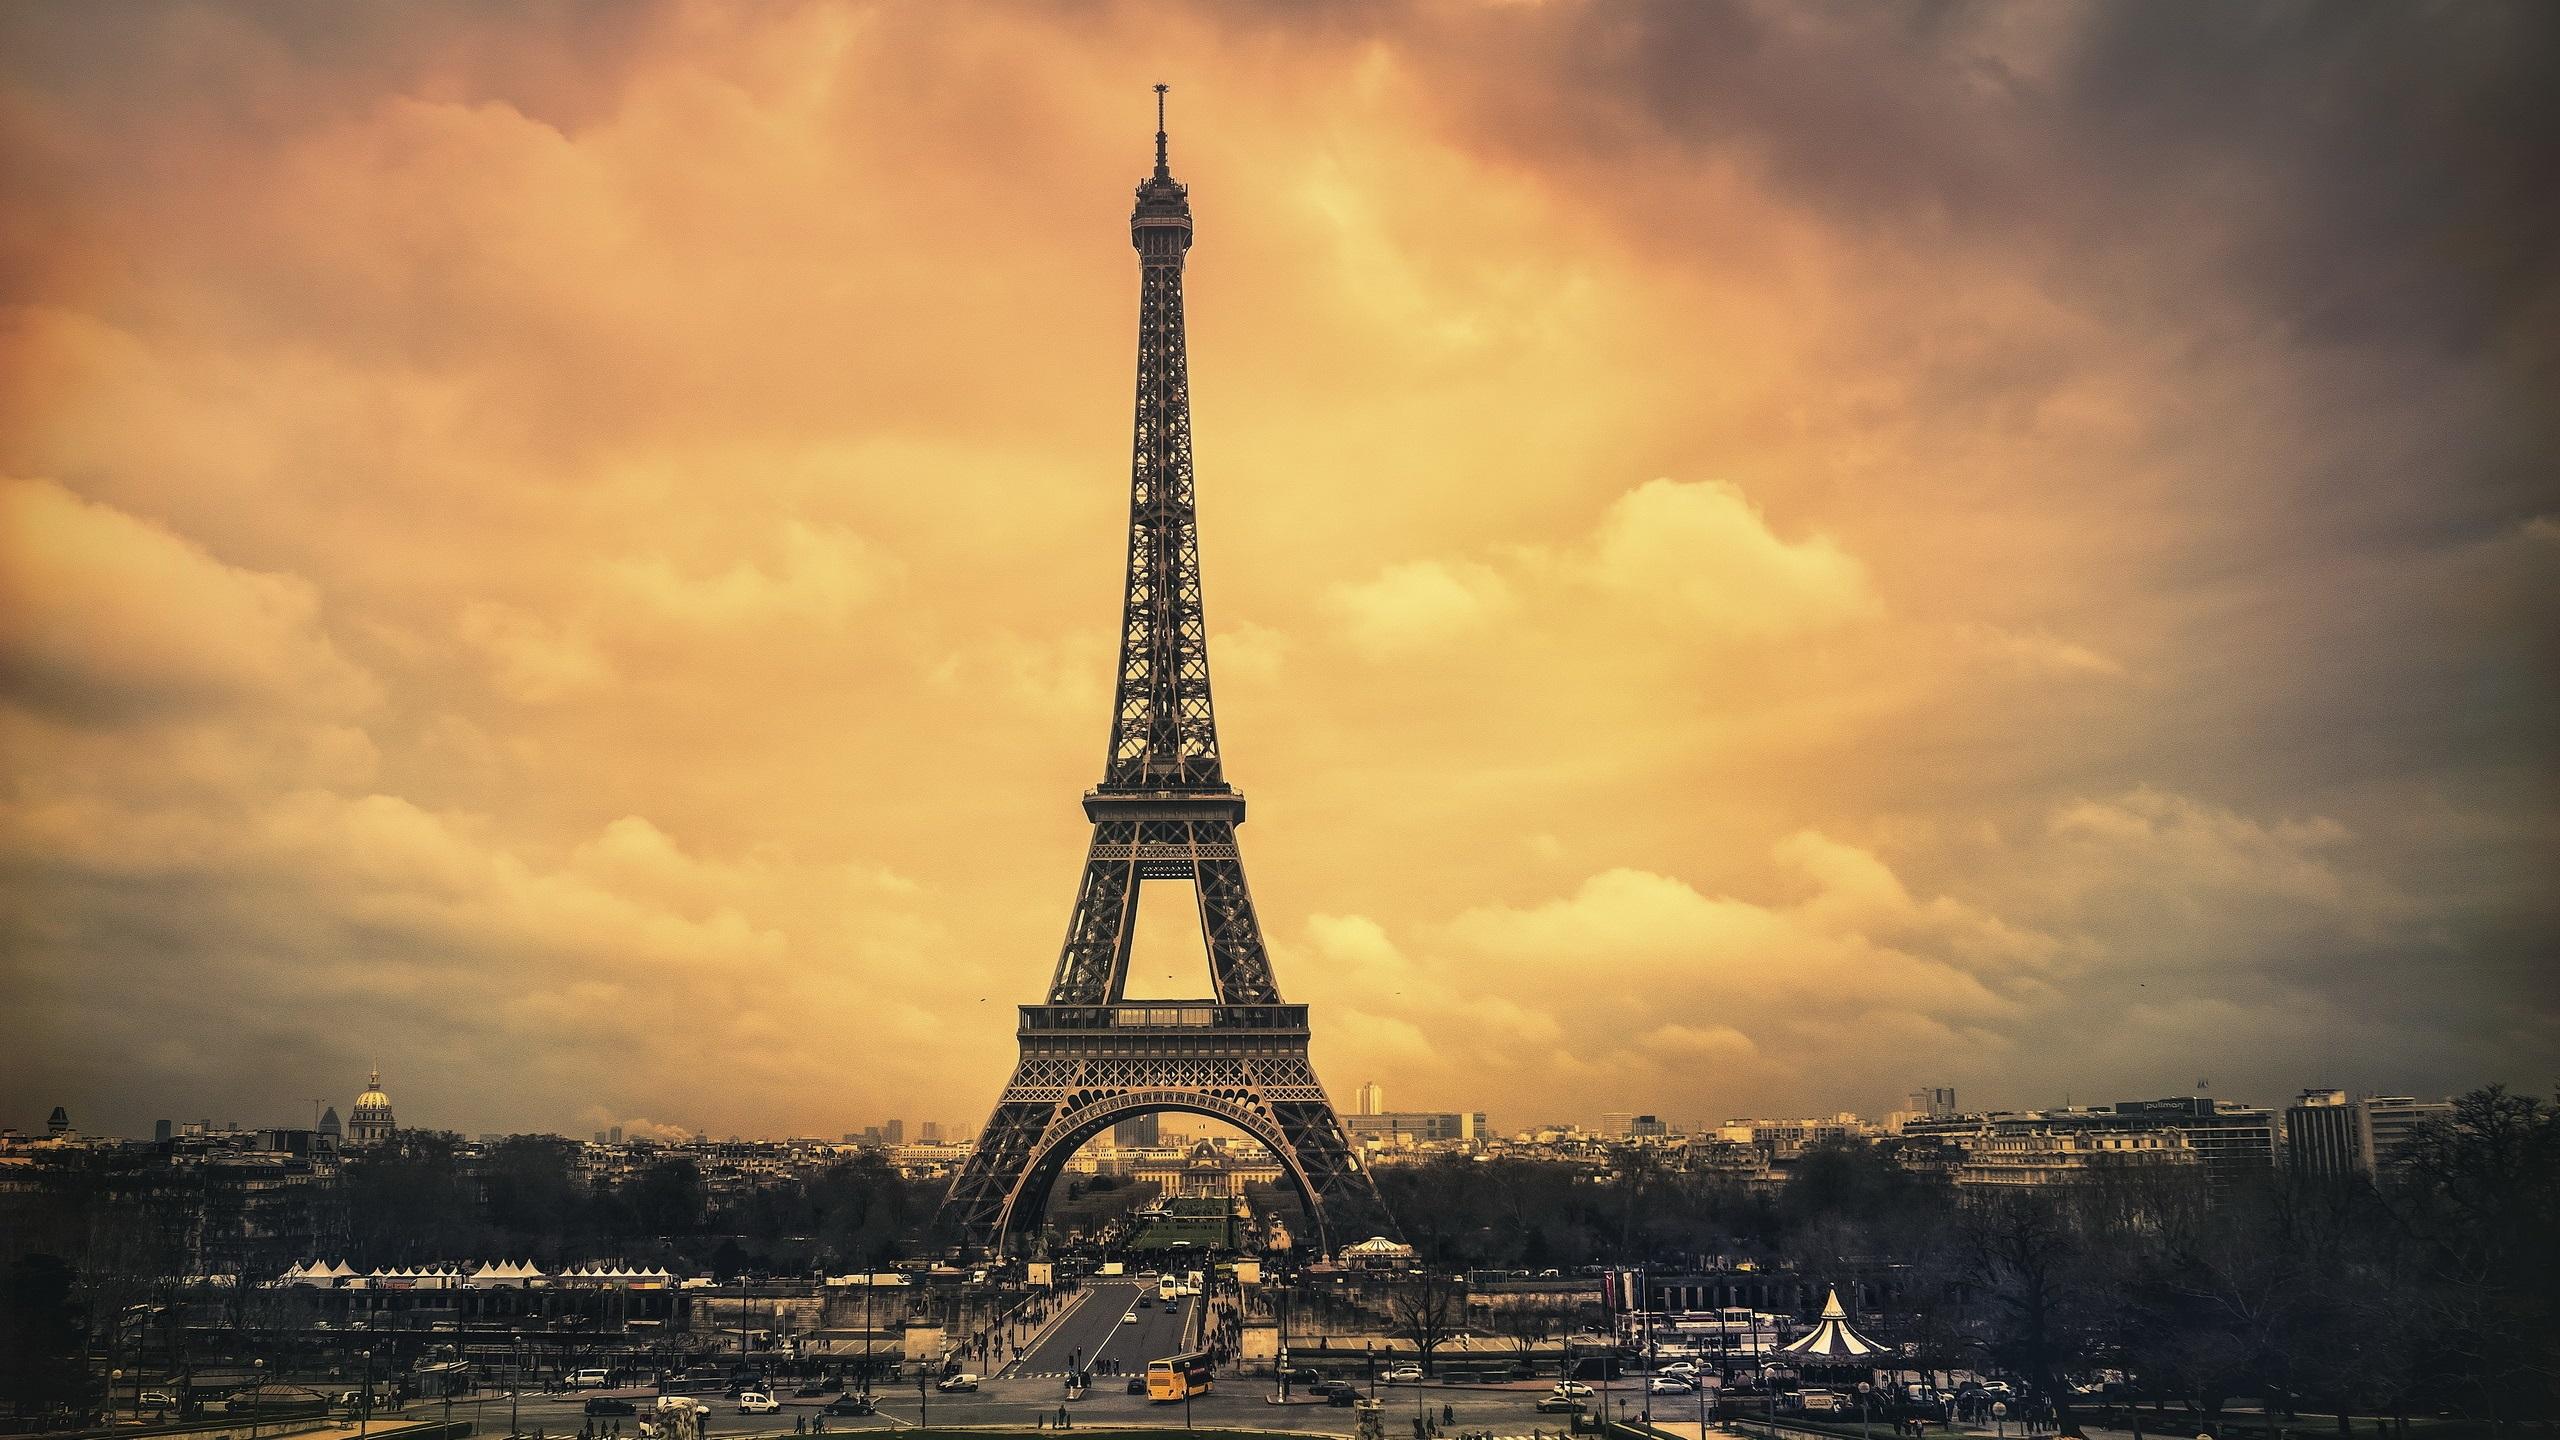 壁紙 パリ エッフェル塔 都市 雲 夕暮れ 2560x1600 Hd 無料の